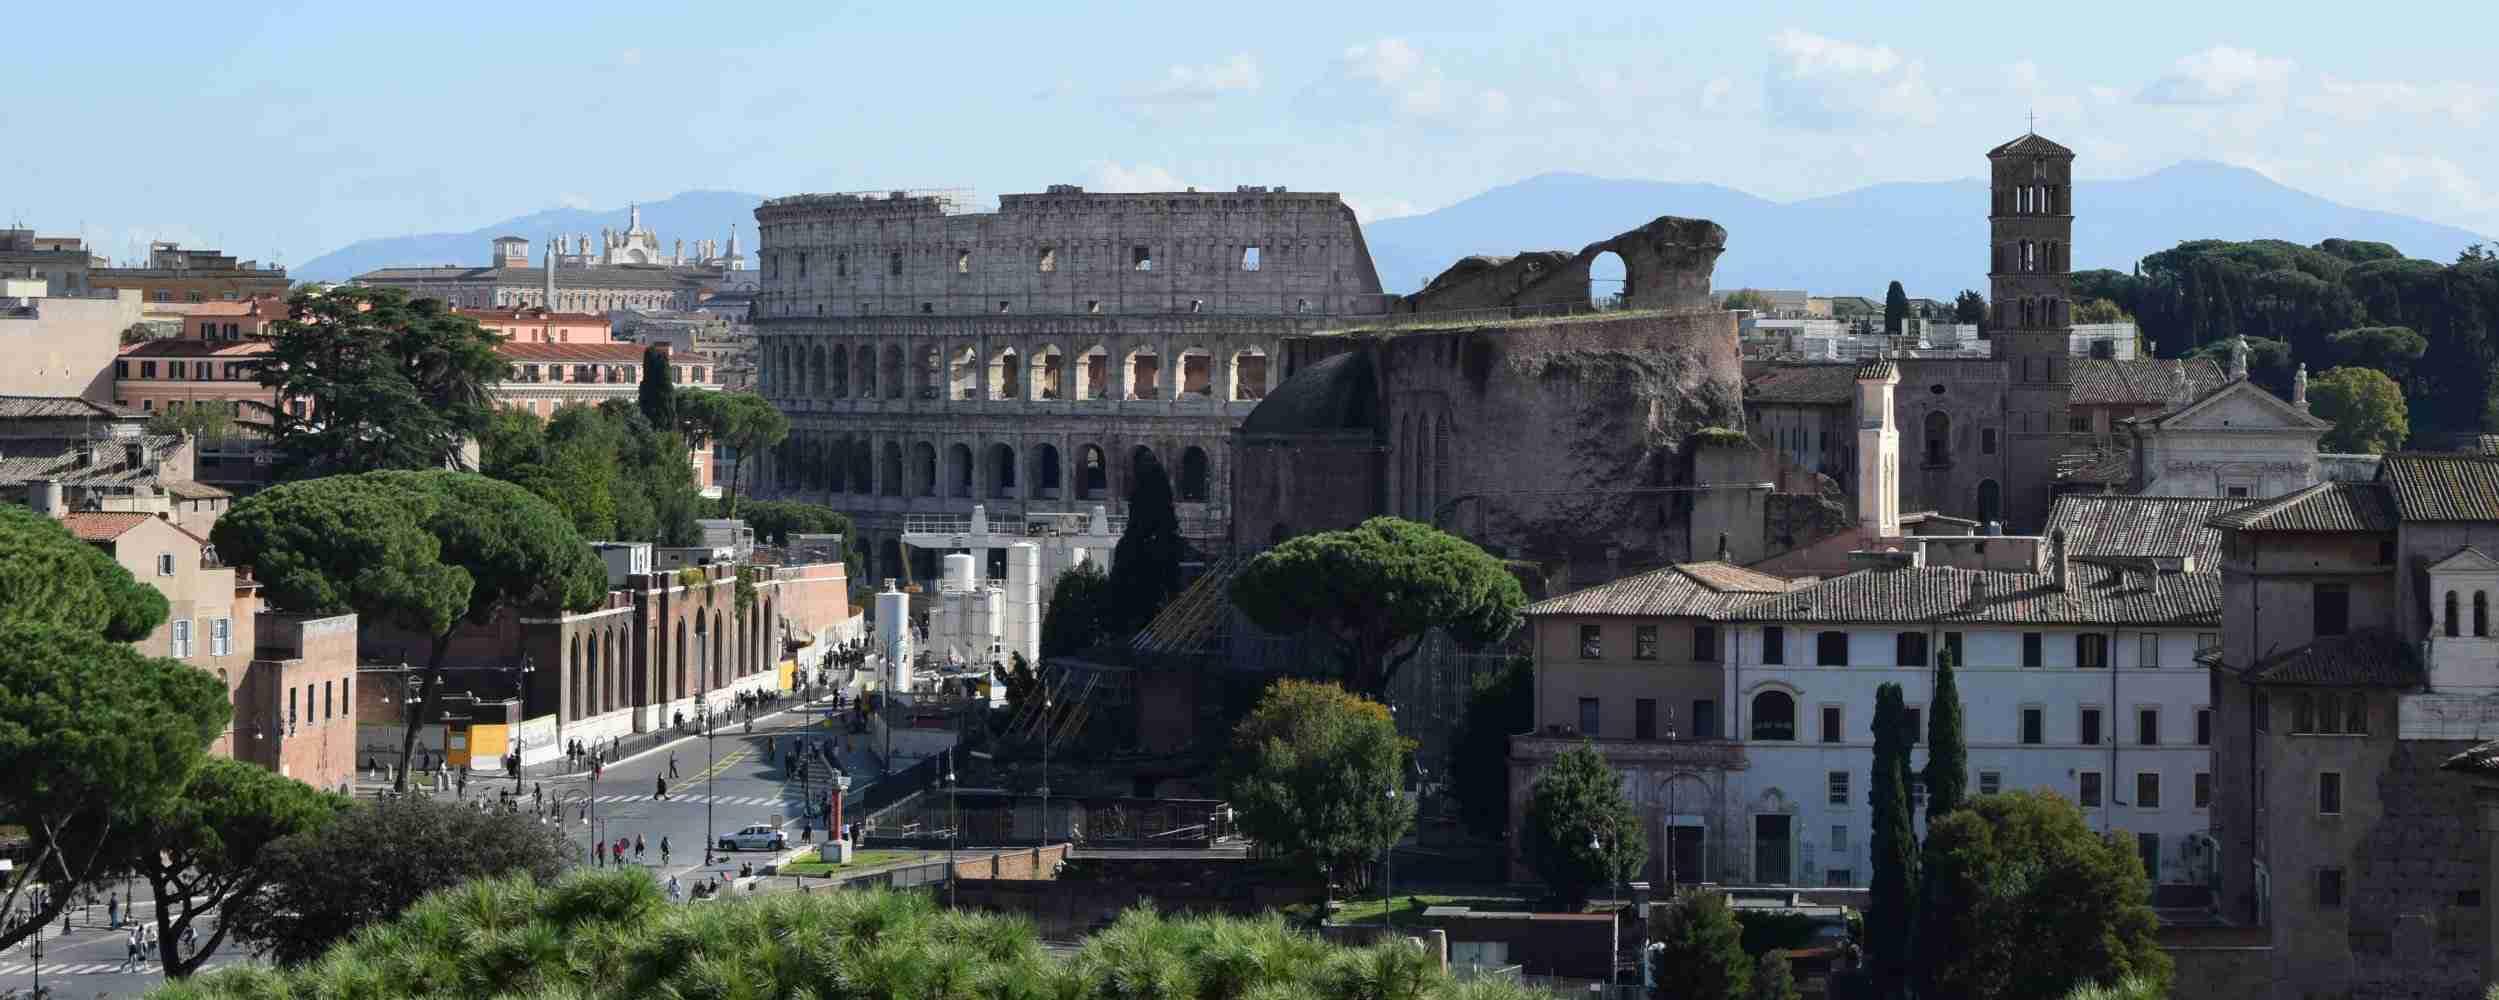 Visita guidata al Vaticano e Colosseo